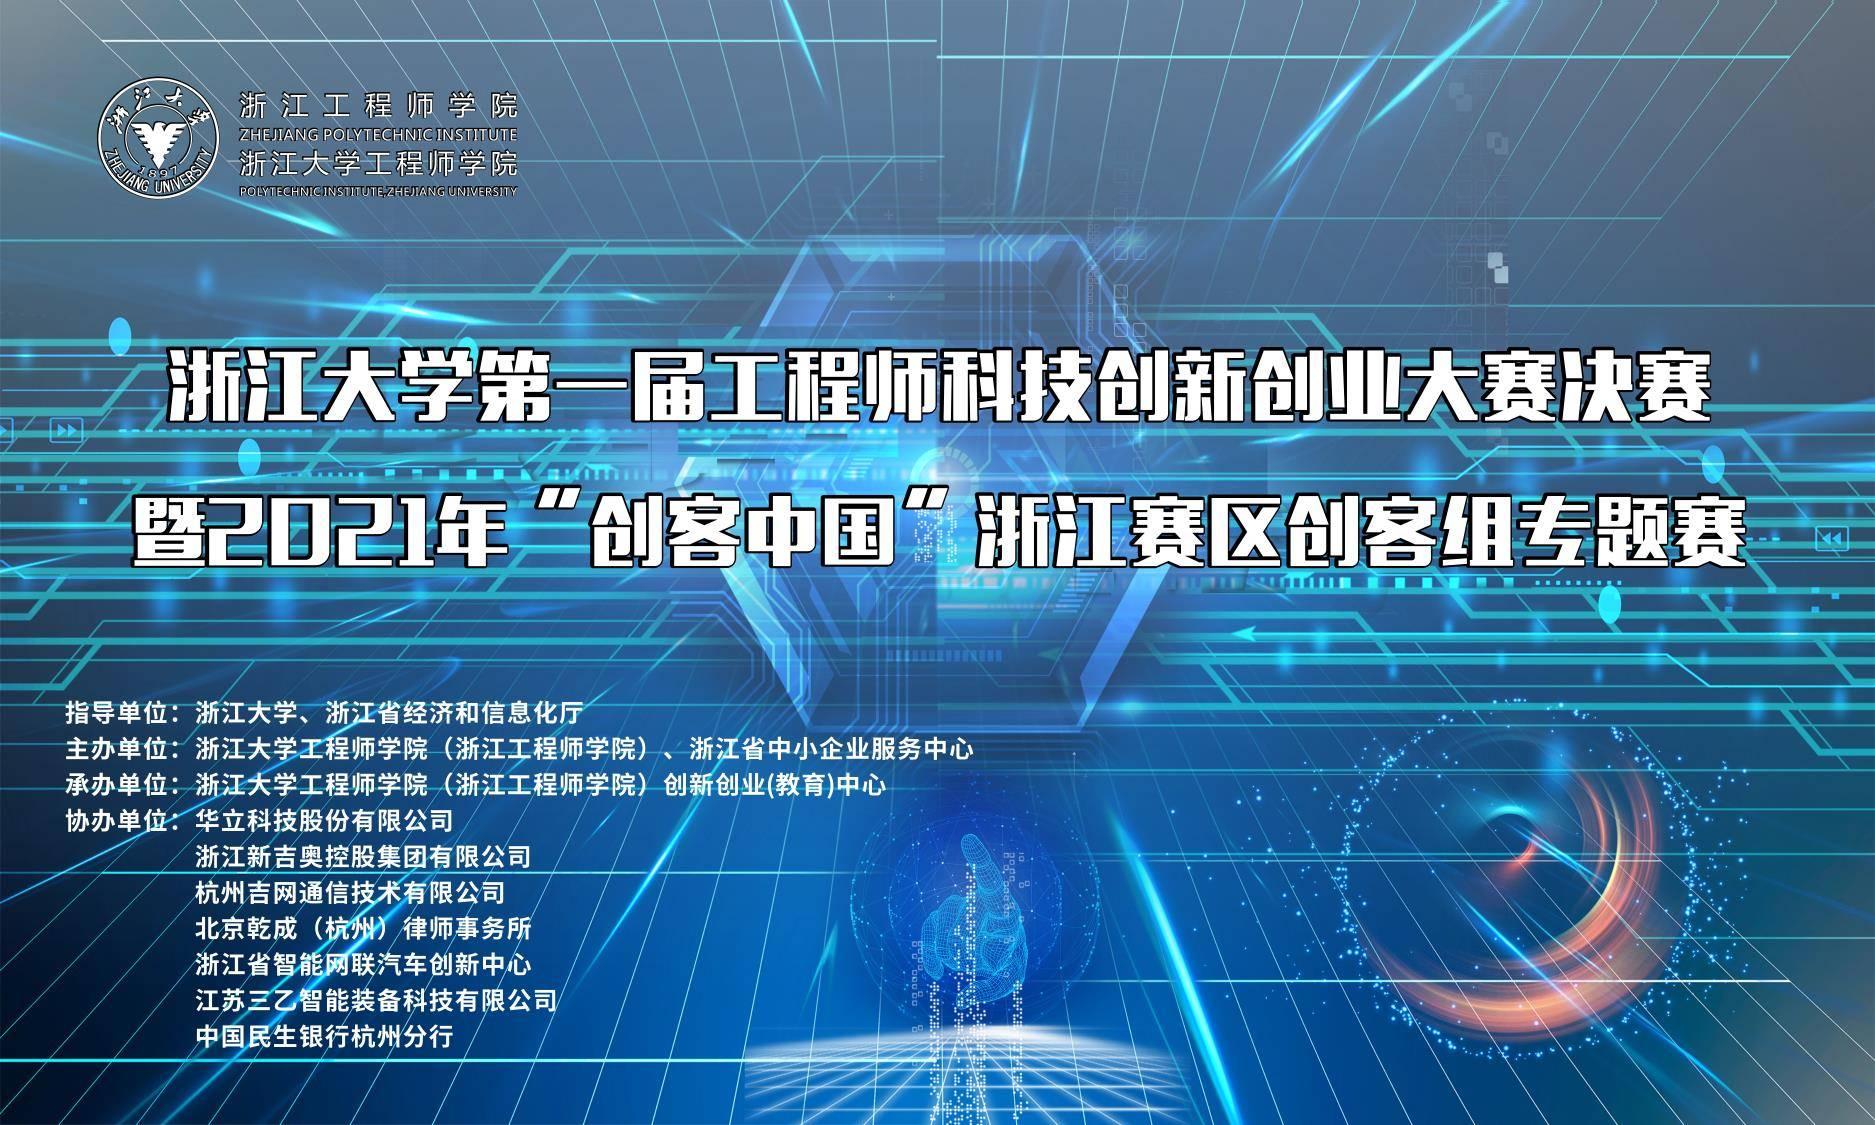 华立科技联袂浙江大学 开启校企合作新征程